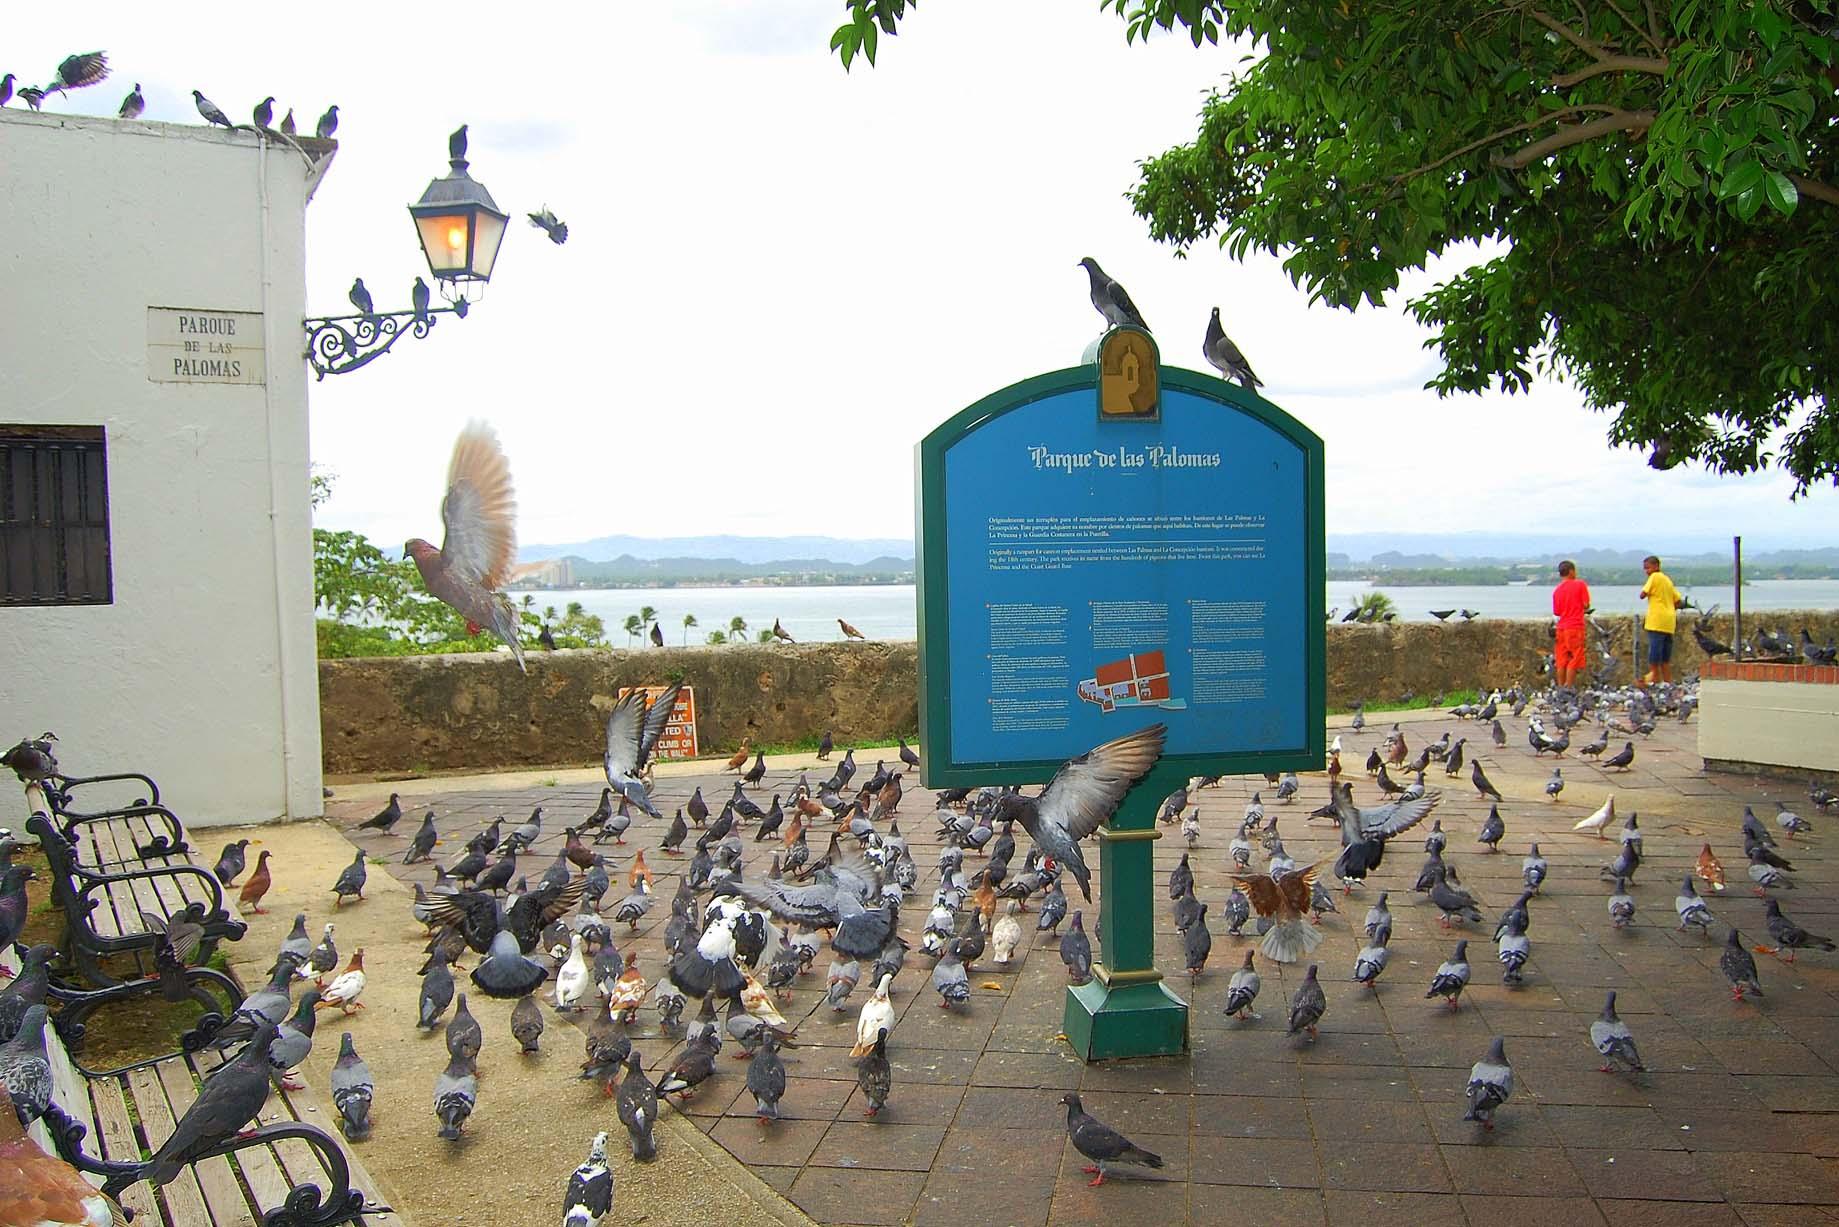 Parquedelas Palomas